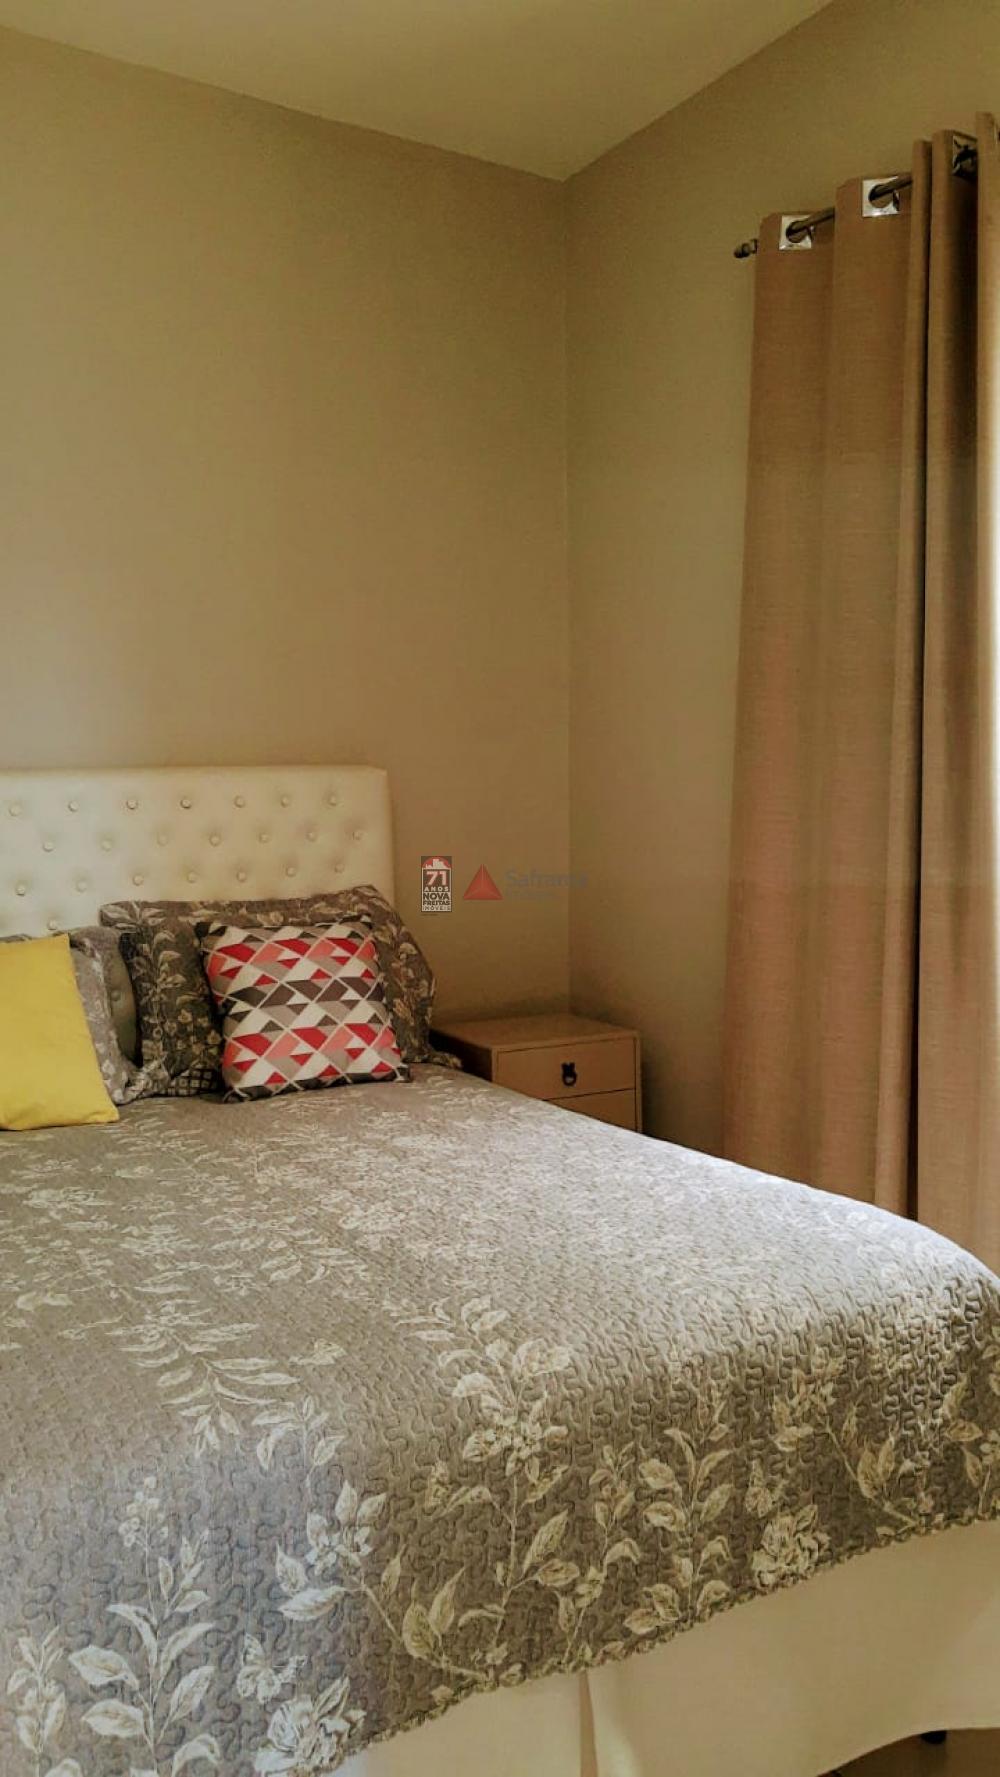 Comprar Casa / Sobrado em Caraguatatuba apenas R$ 1.600.000,00 - Foto 18